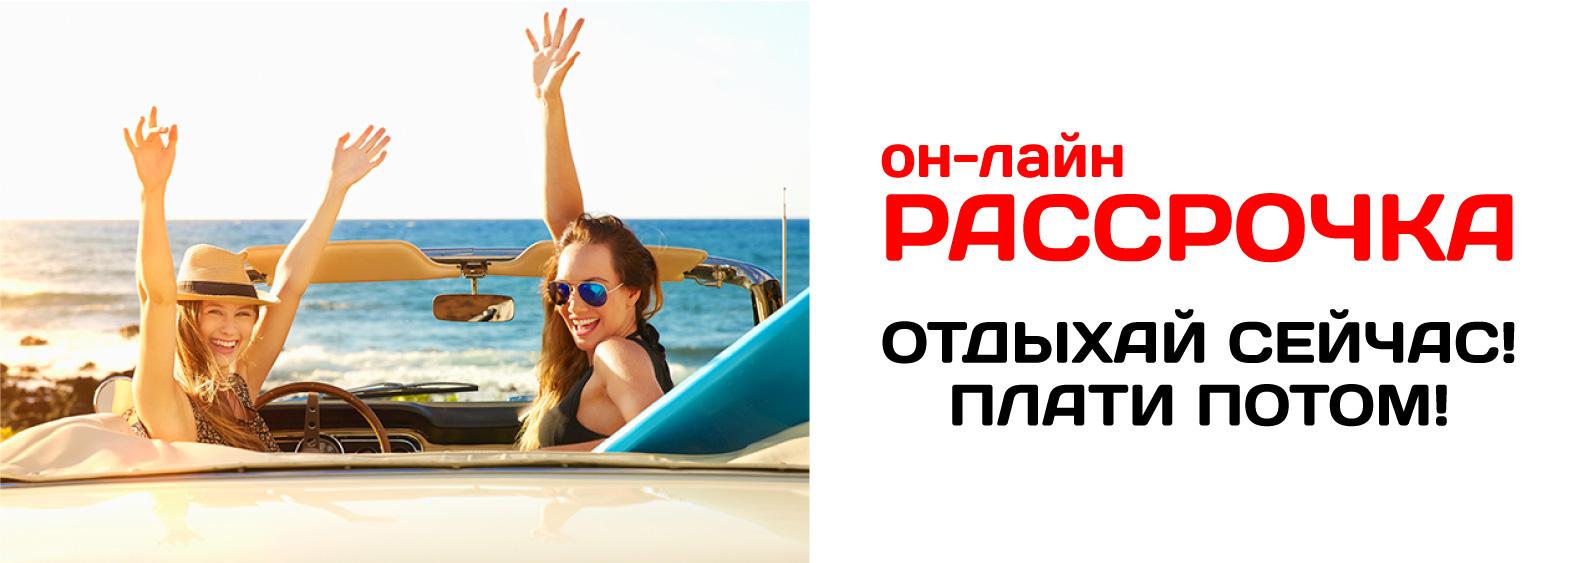 туры в кредит онлайн пермь